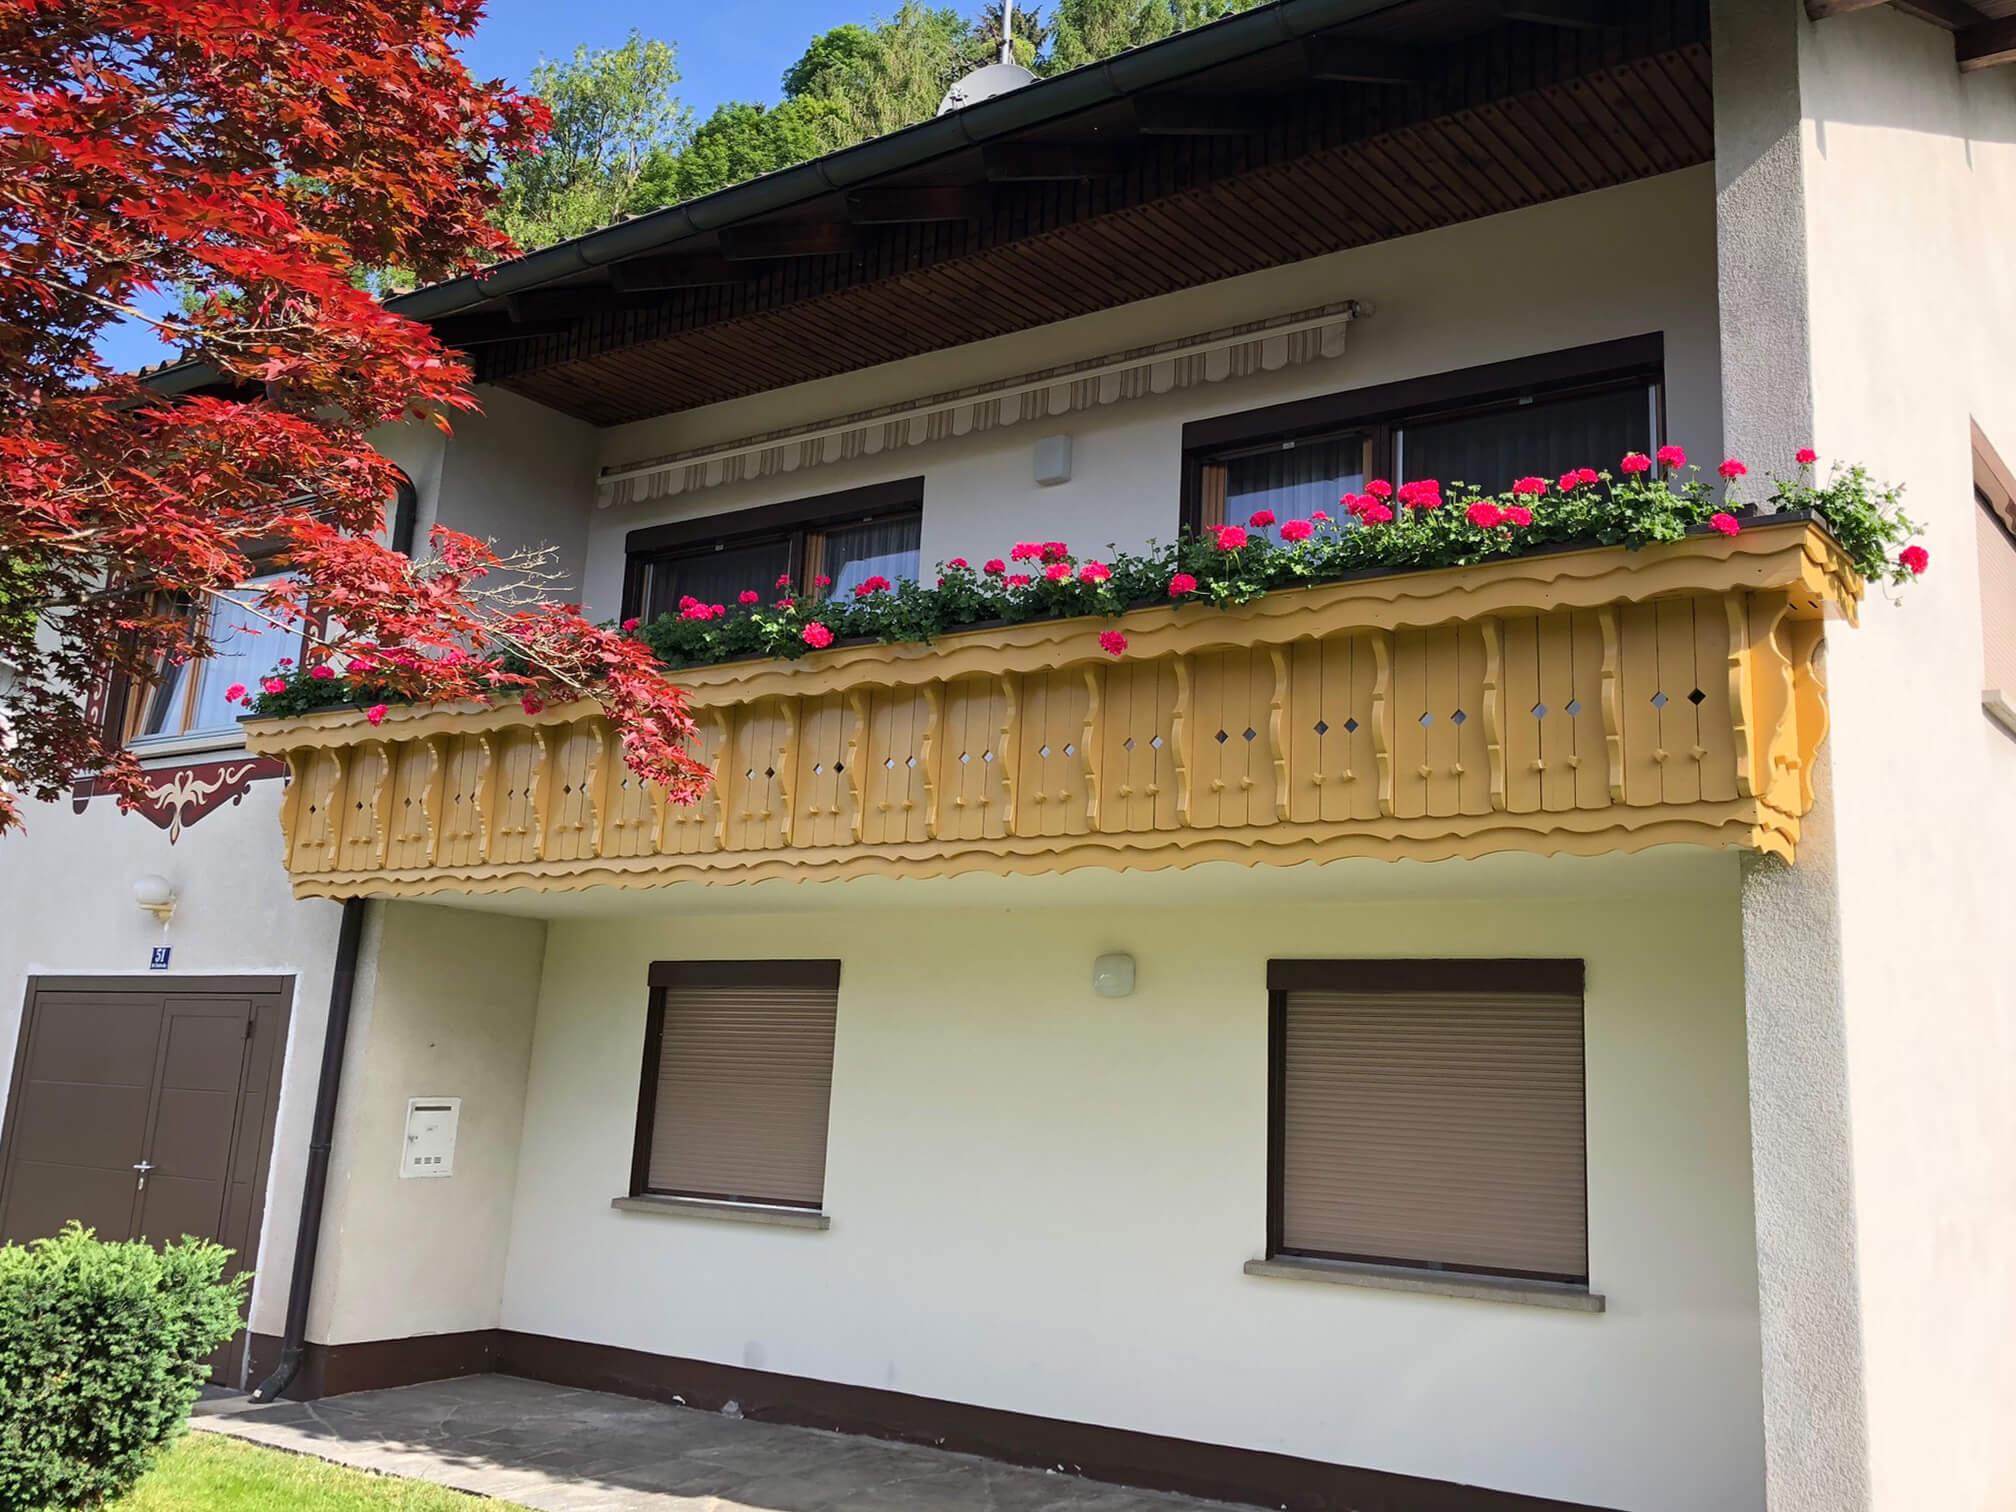 Maler-Werner-Juen-Malermeisterbetrieb-Vorarlberg-Fassadenanstrich-Vergleich-nachher